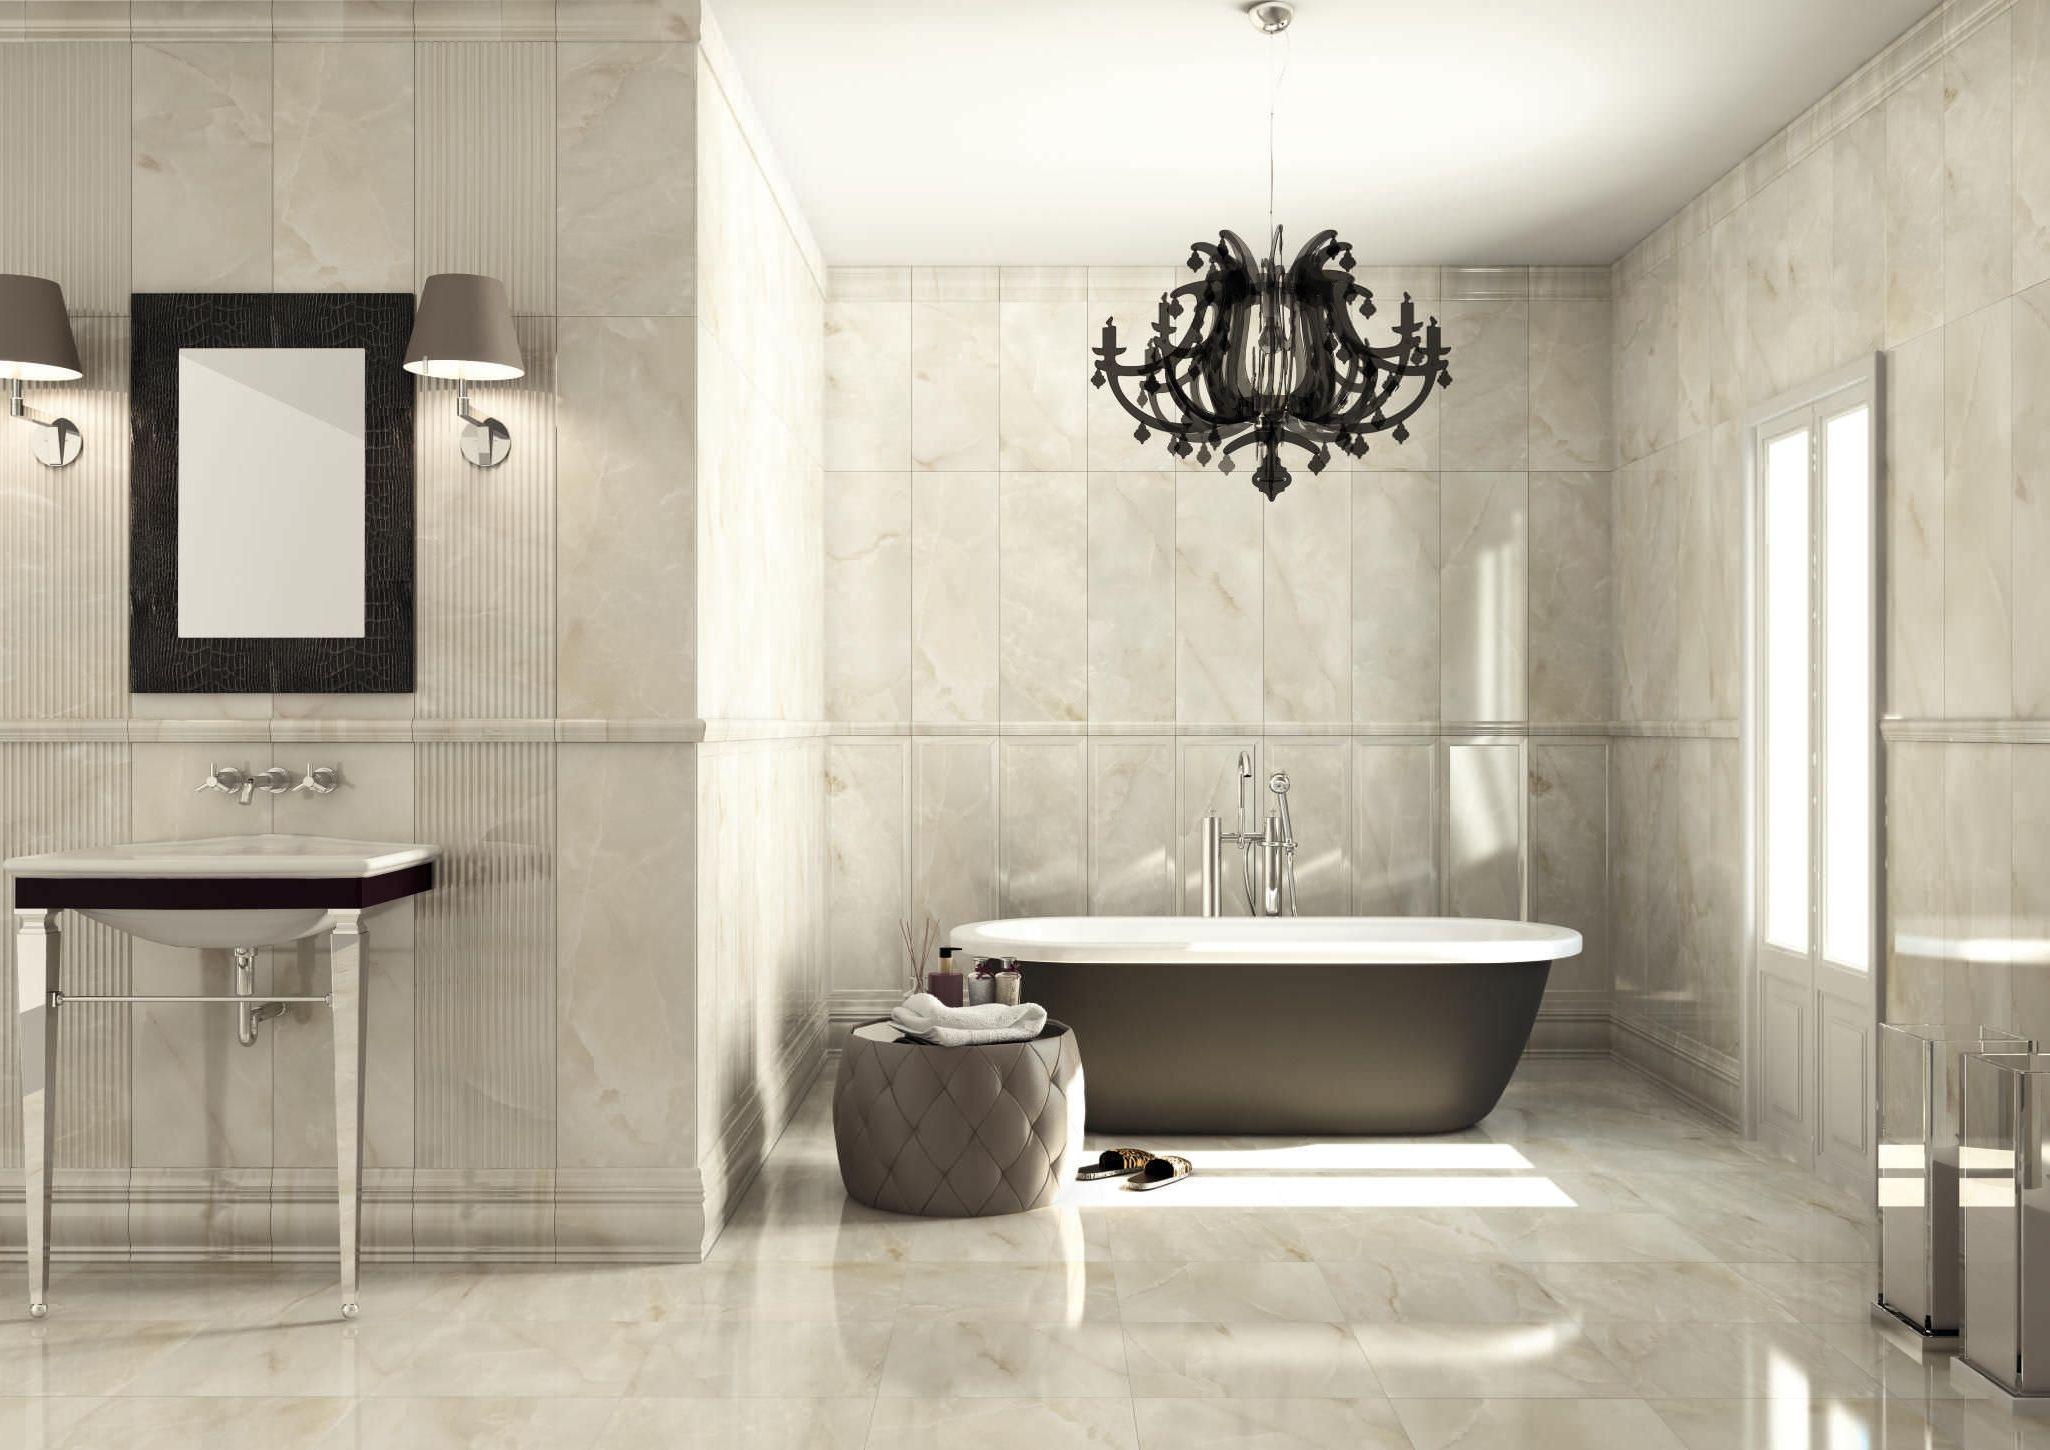 Bathroom Chandeliers Libertyfoundationgospelministries With Regard To Bathroom Safe Chandeliers (Image 8 of 24)